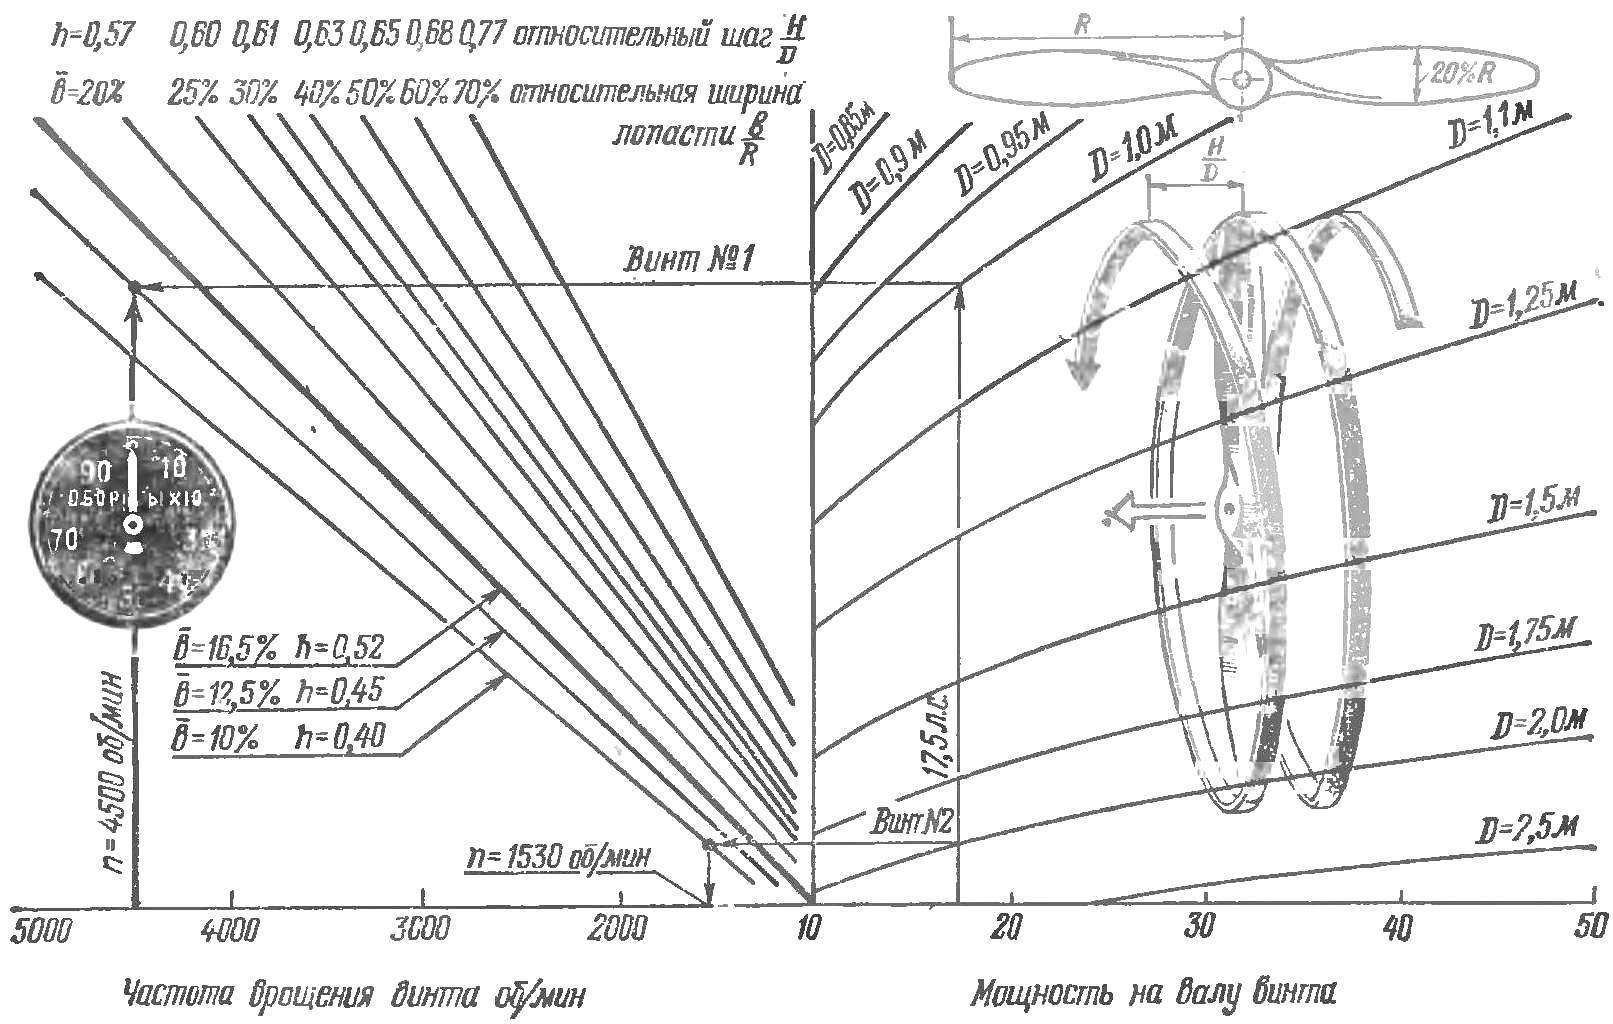 Рис. 4. Определение возможных геометрических размеров винта по оборотам и мощности двигателя.